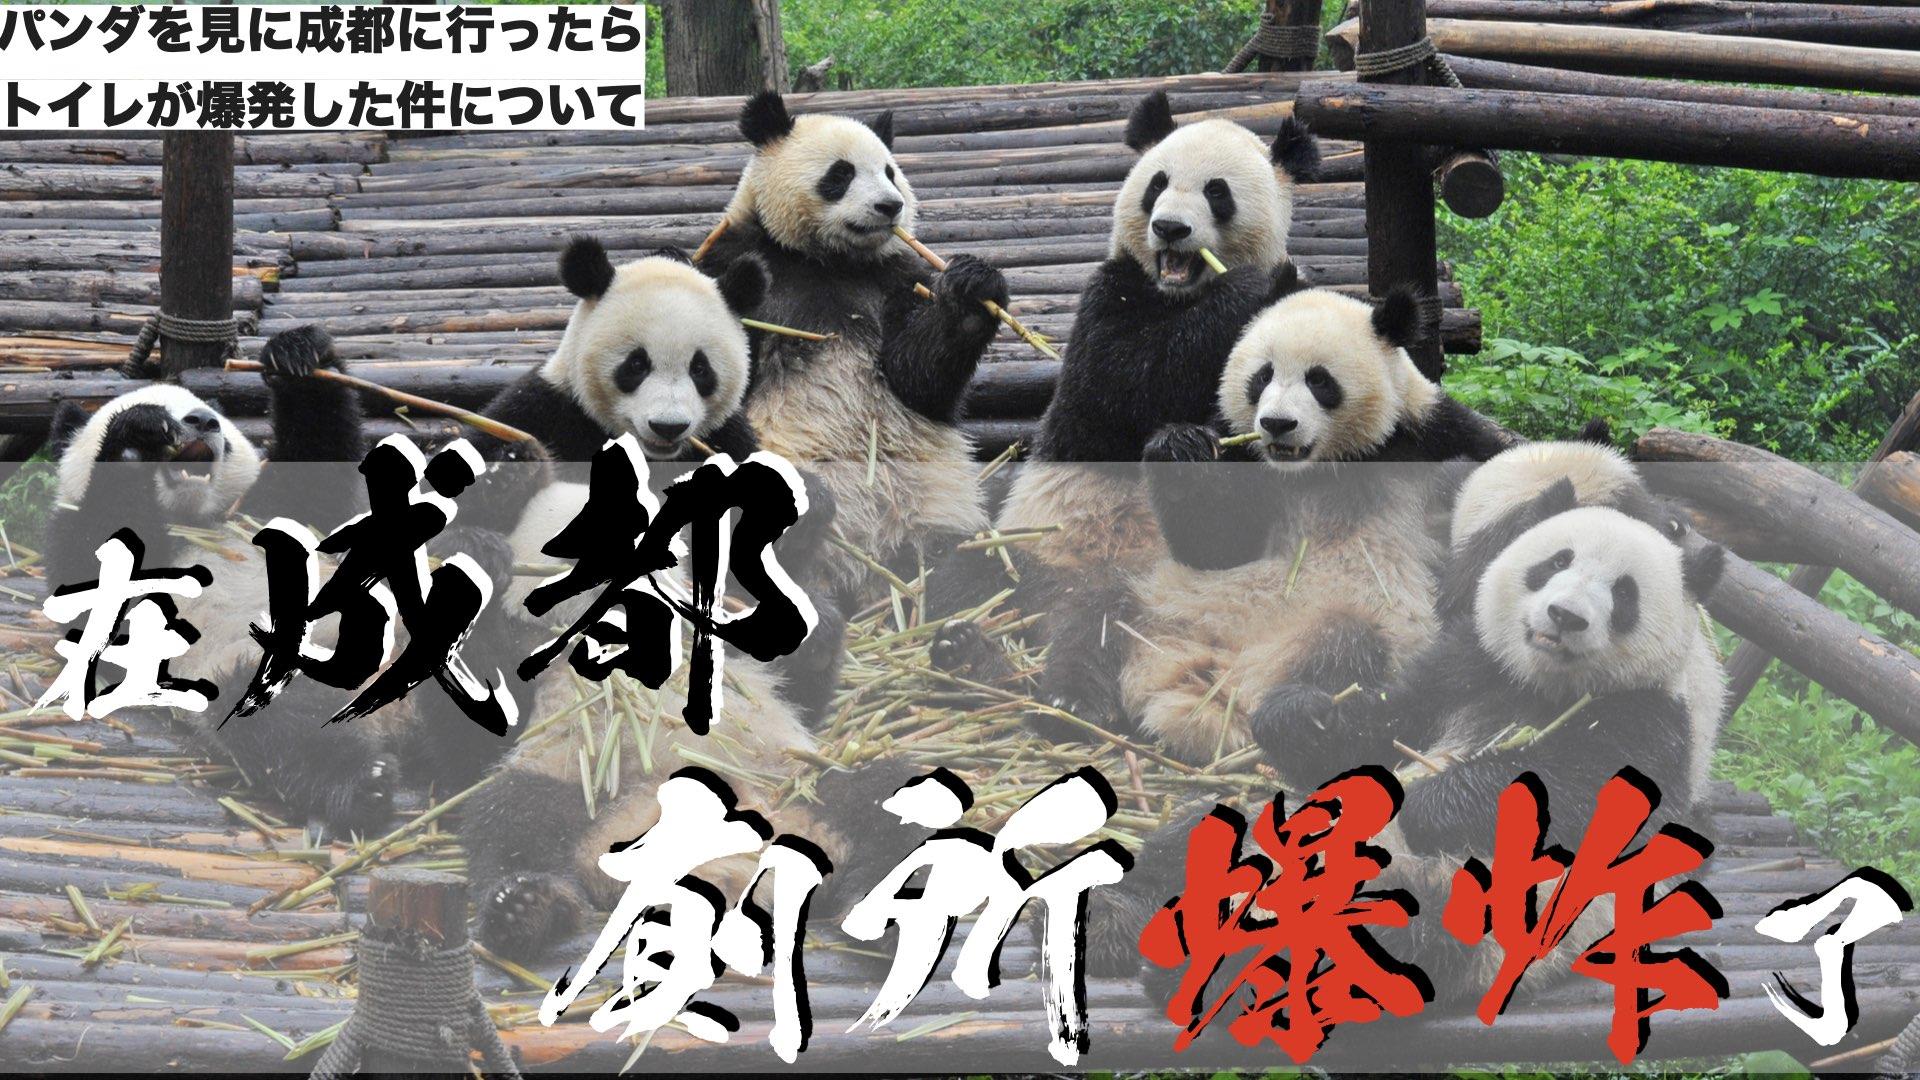 為了看熊貓去到成都後,所發生的廁所爆炸事件/パンダを見に成都に行ったらトイレが爆発した件について